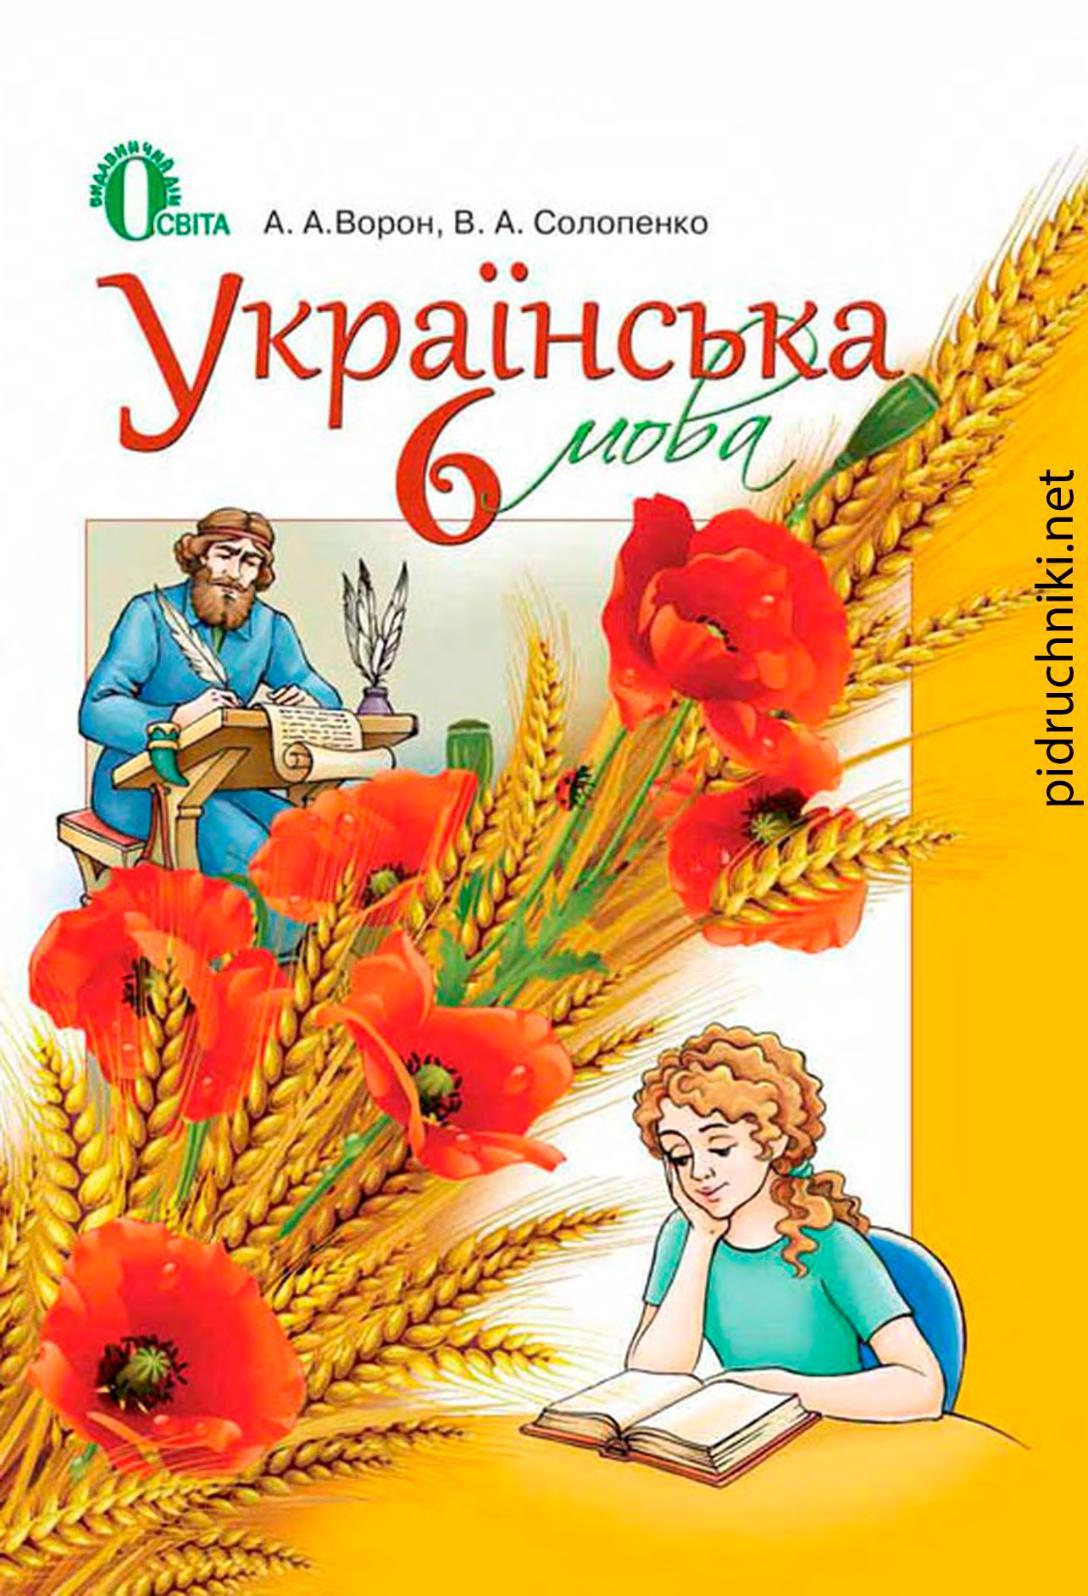 Языку украинскому 6 солопенко 2006 ворон гдз о класс